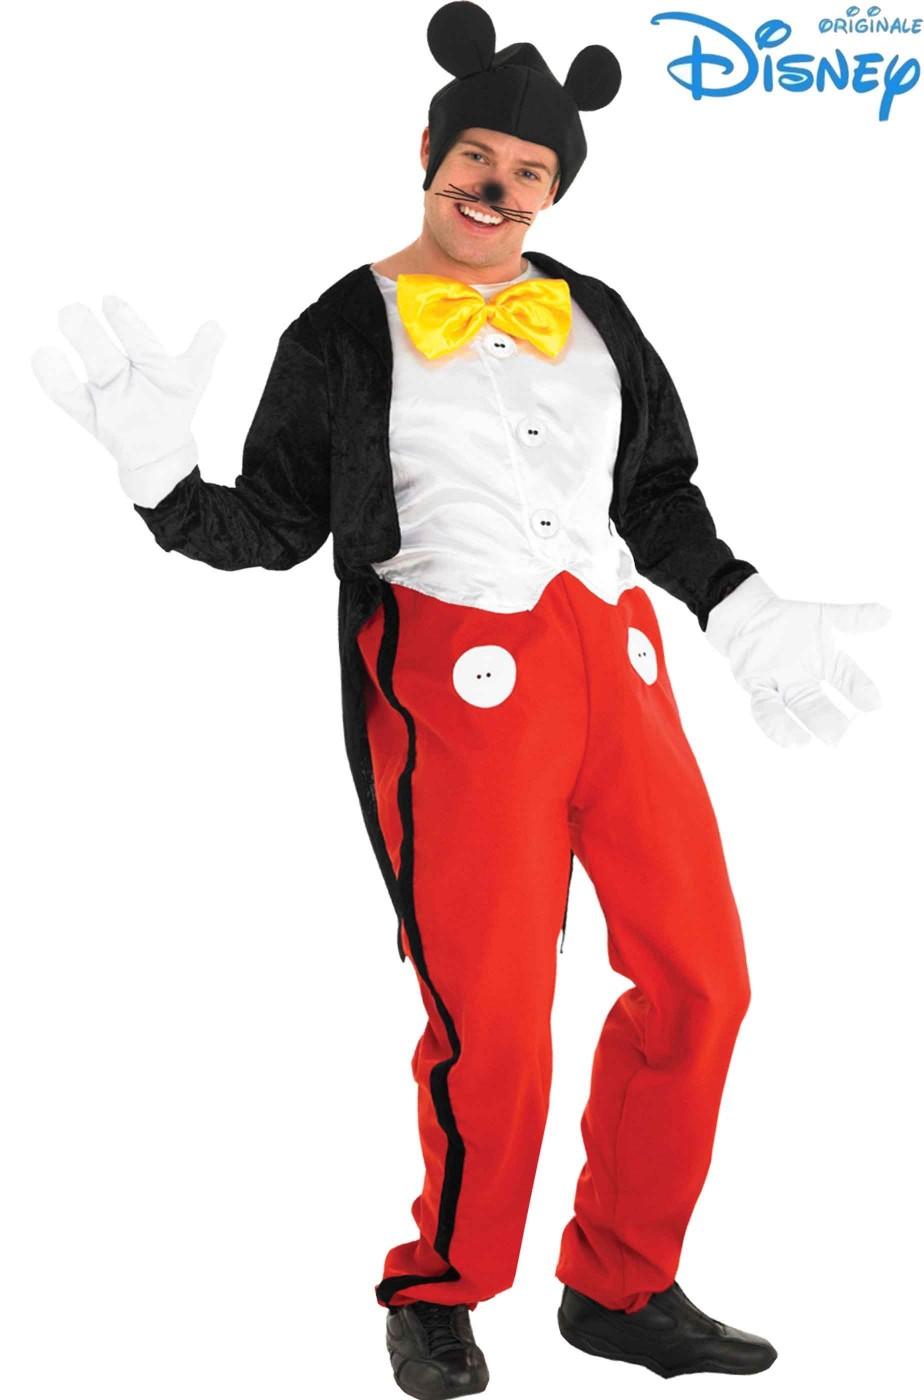 le migliori scarpe pensieri su ben noto Costume di Carnevale Topolino Mickey Mouse adulto originale Disney